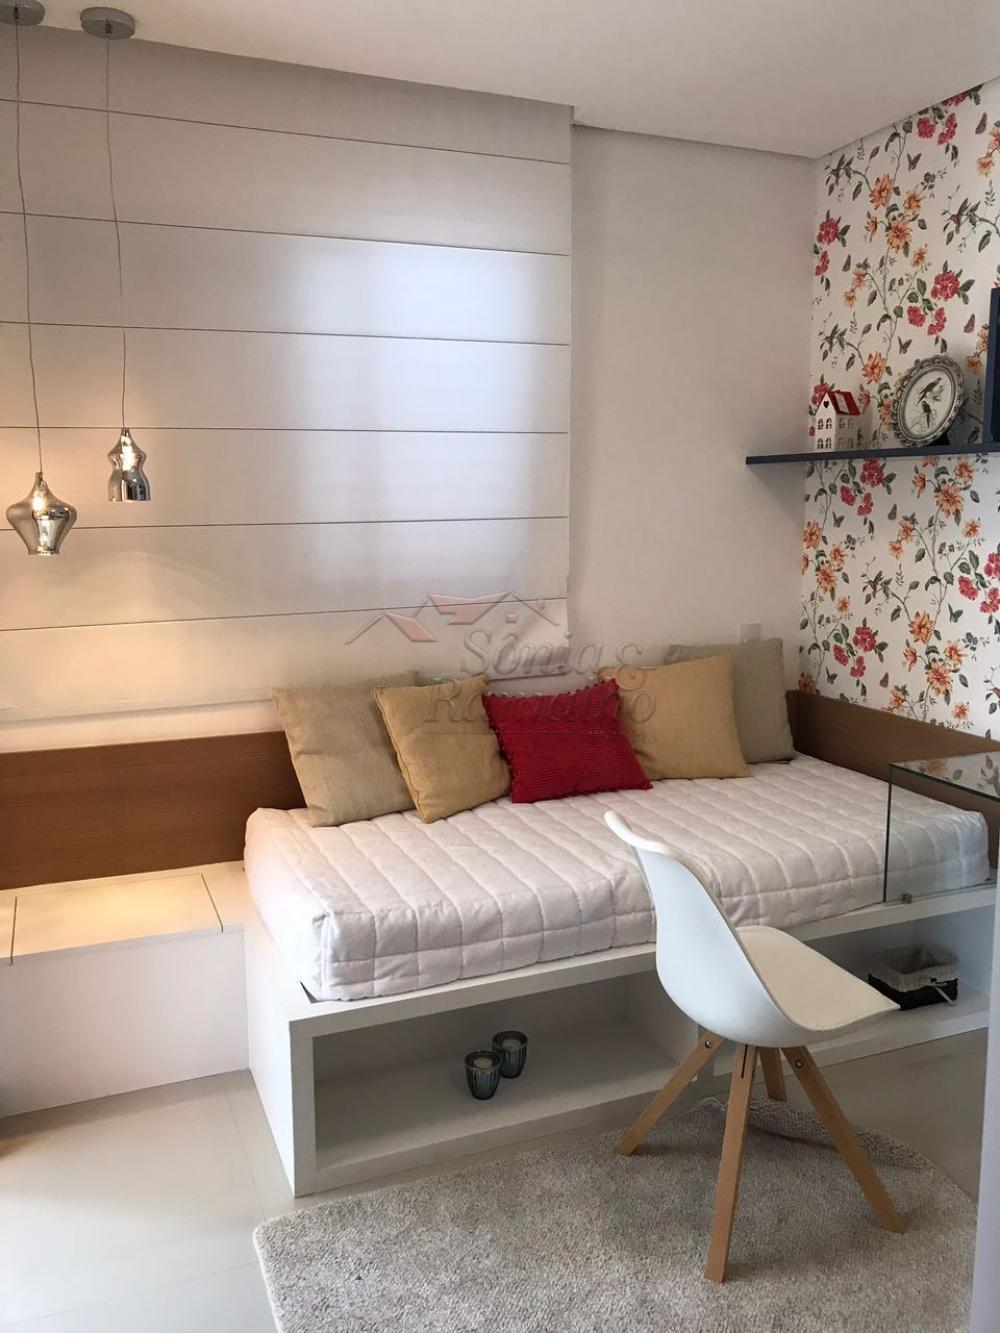 Comprar Apartamentos / Padrão em Ribeirão Preto apenas R$ 650.000,00 - Foto 12